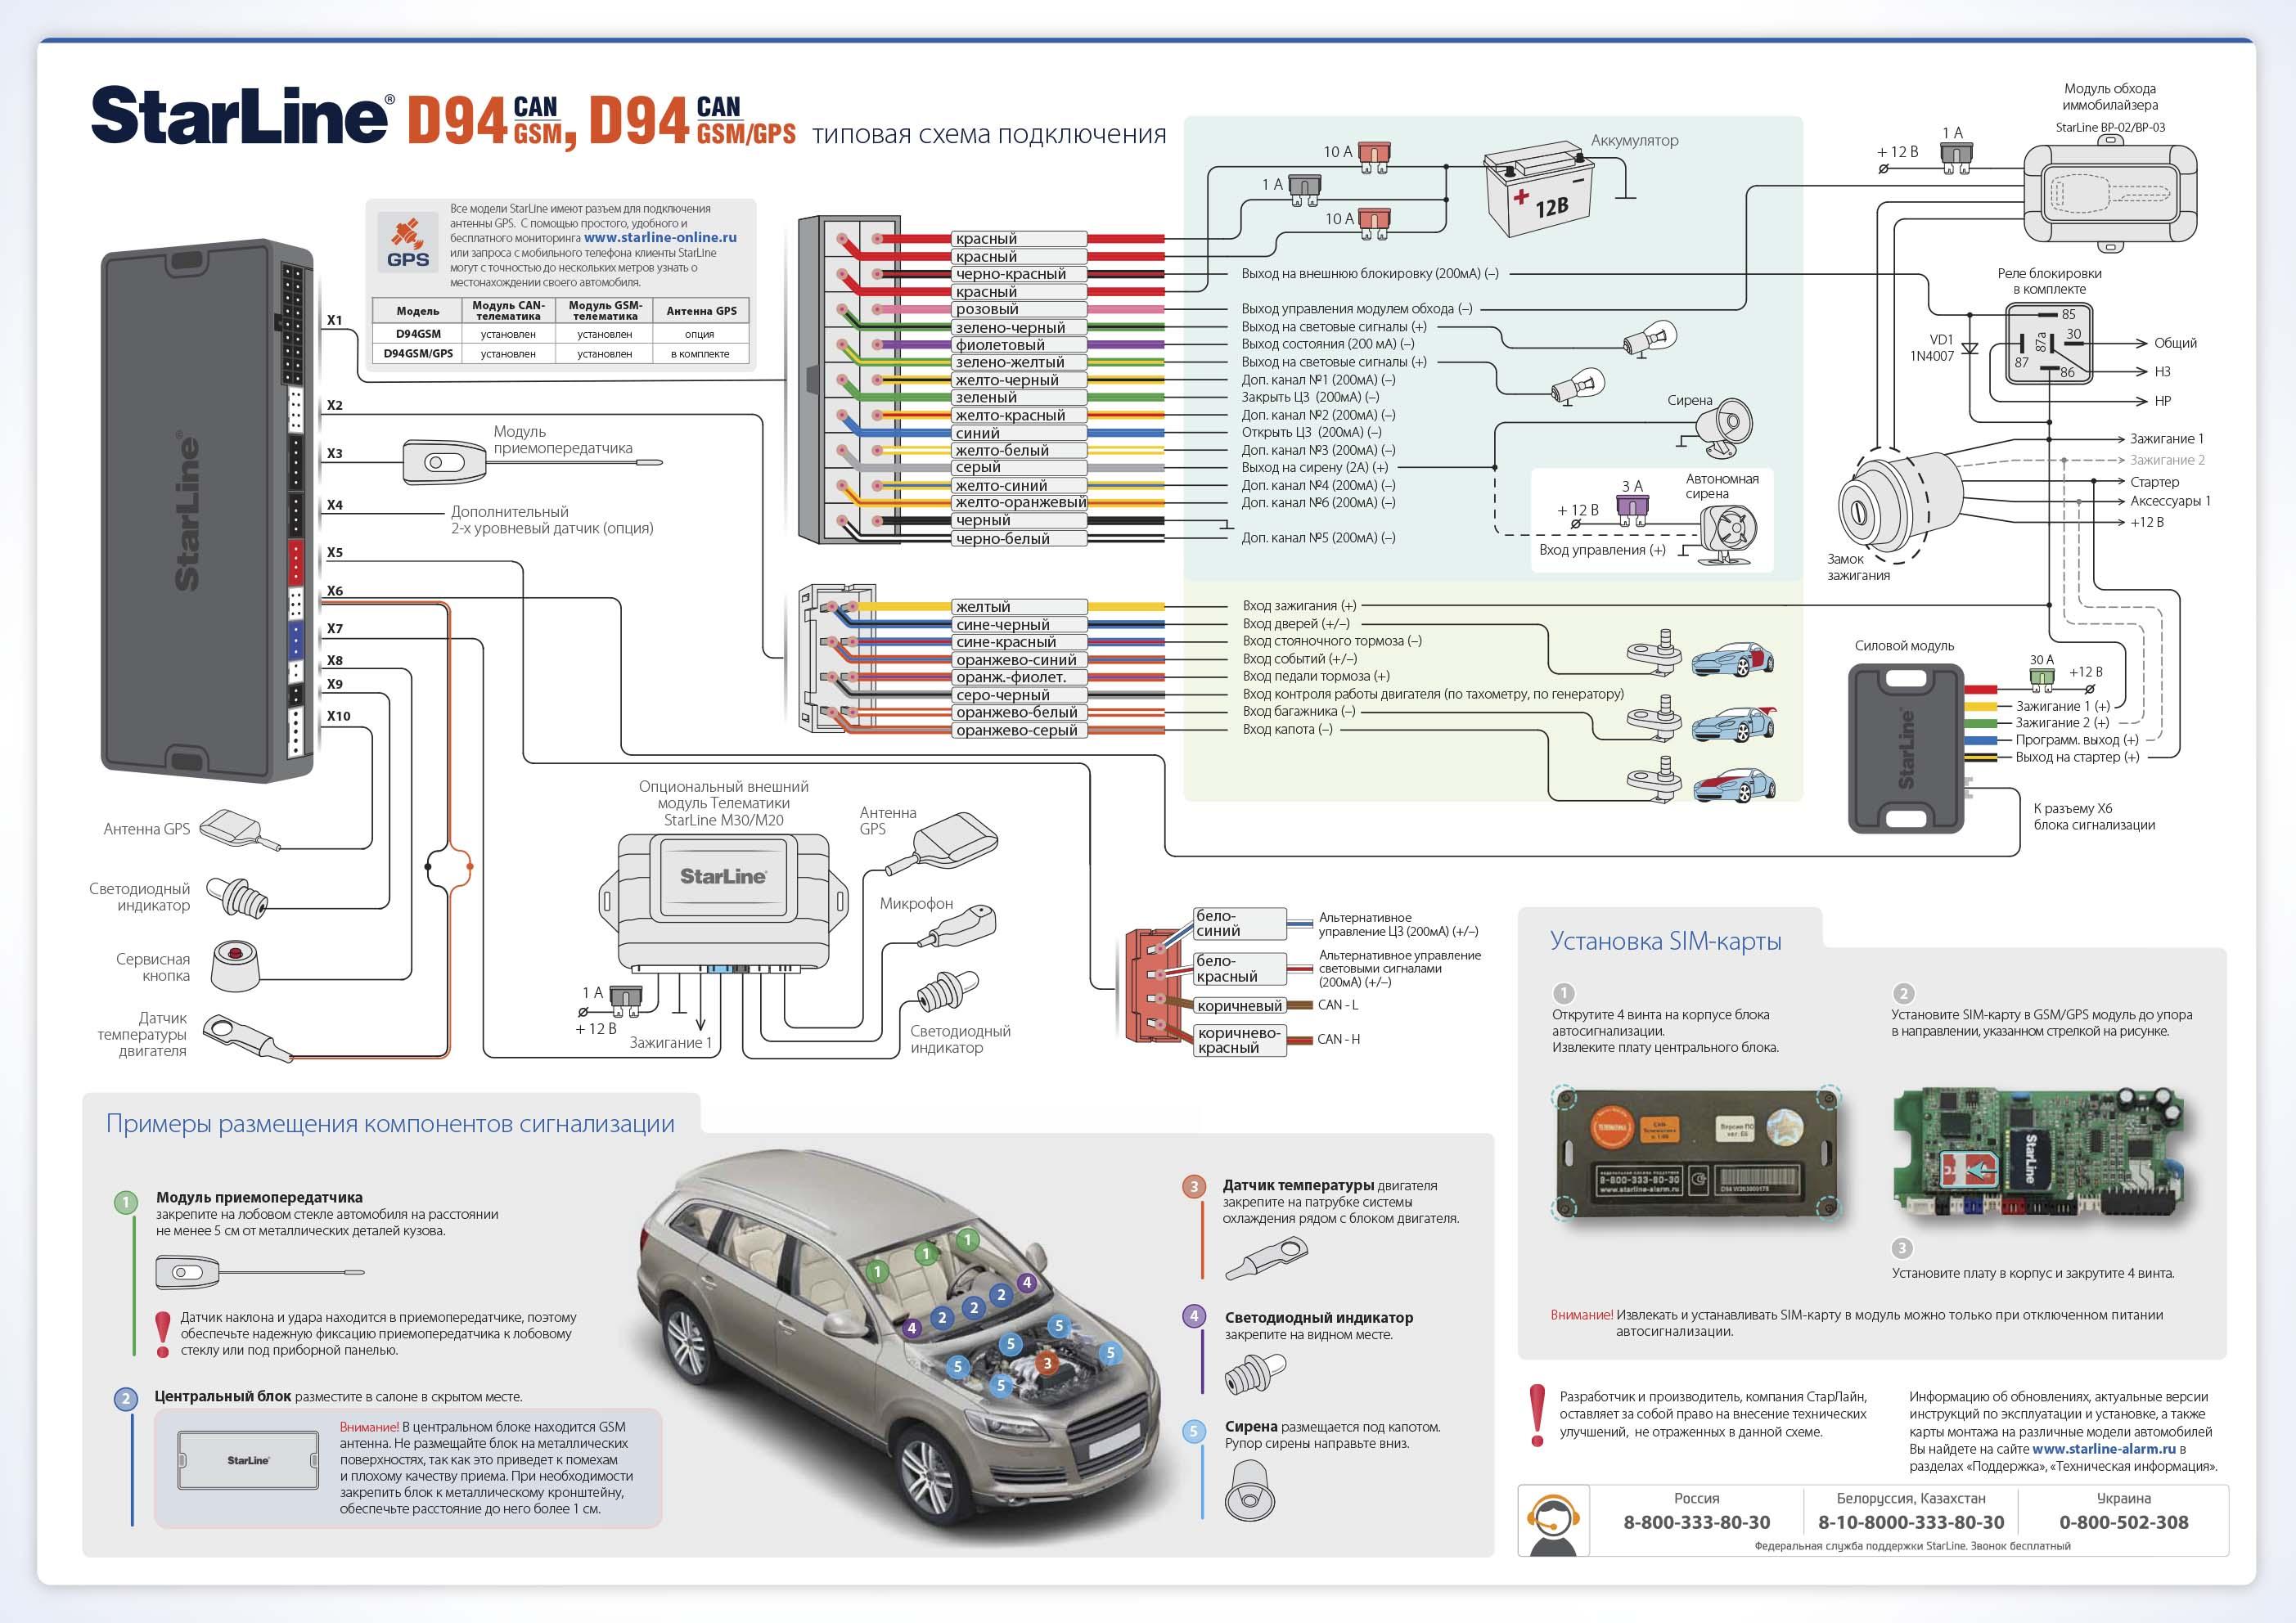 В статье представлена инструкция по монтажу системы сигнализации starline с автозапуском